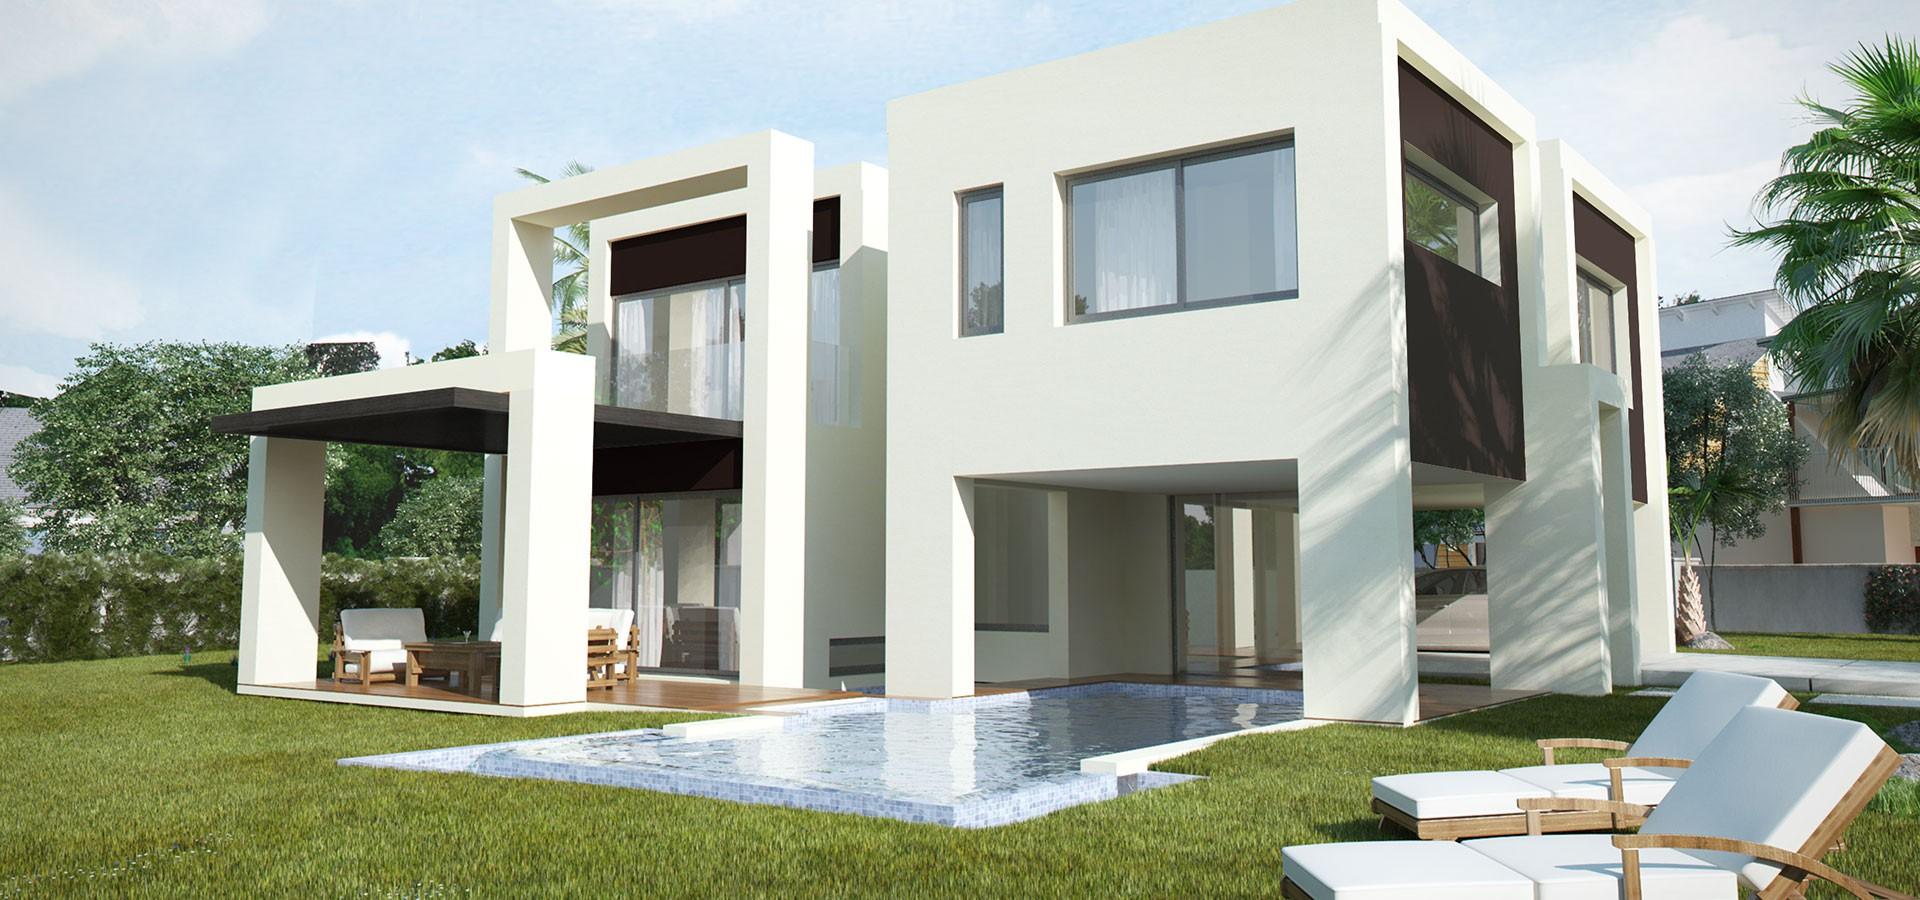 Moderne villa 39 s te koop in benahavis marbella spanje for Villa moderne 2016